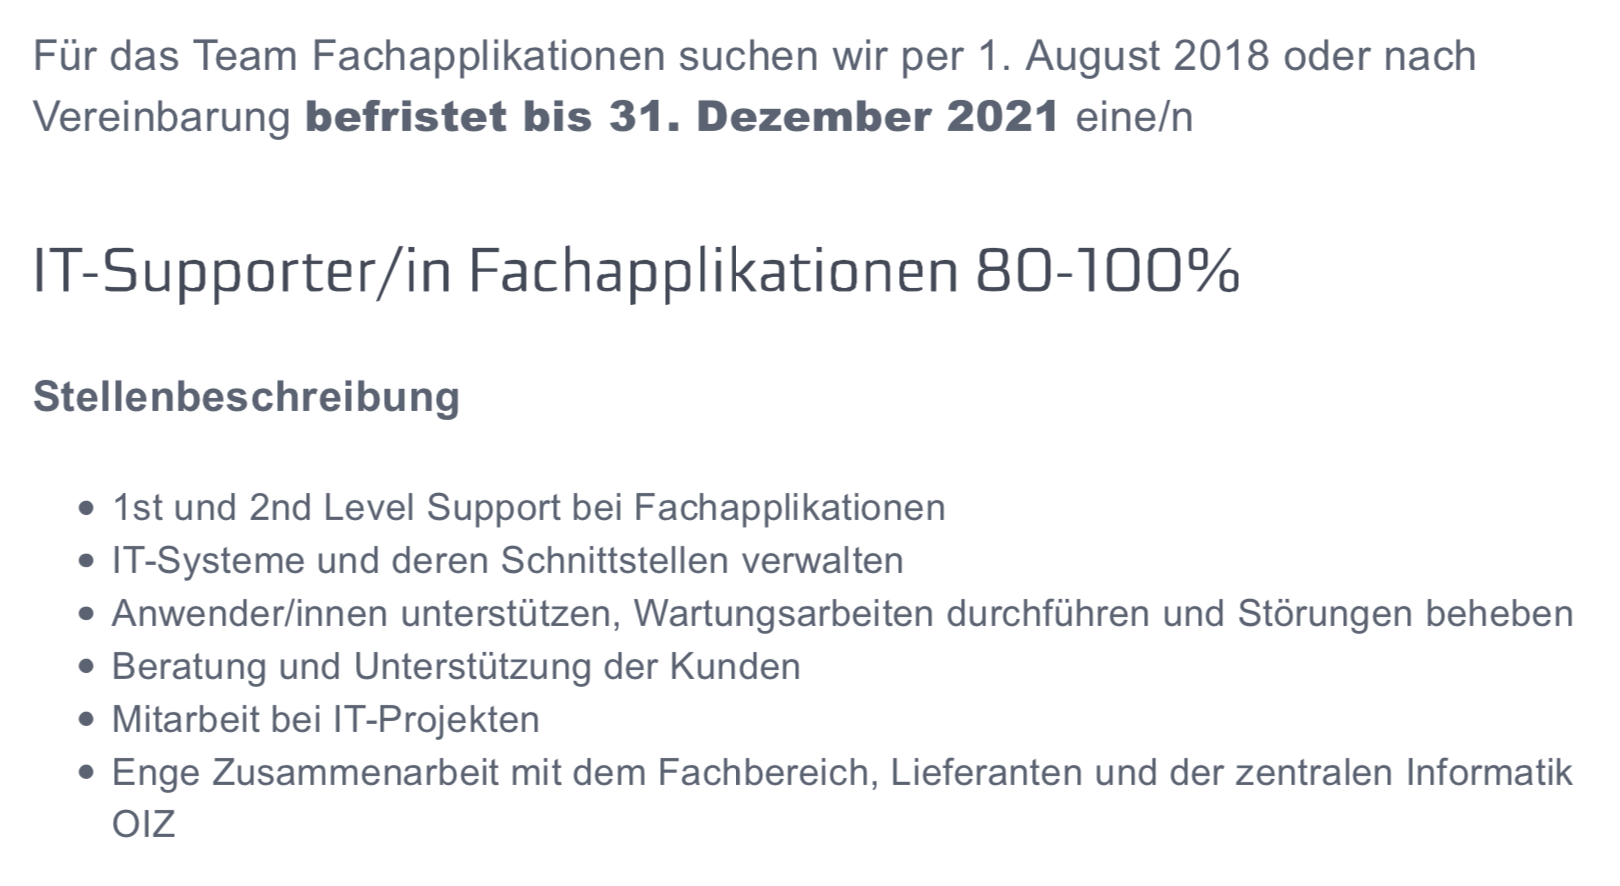 Juli frühmorgens, gut 2 Wochen nach der Online-Bewerbung des jungen Manns  aus dem Kanton Aargau, kam die Absage.